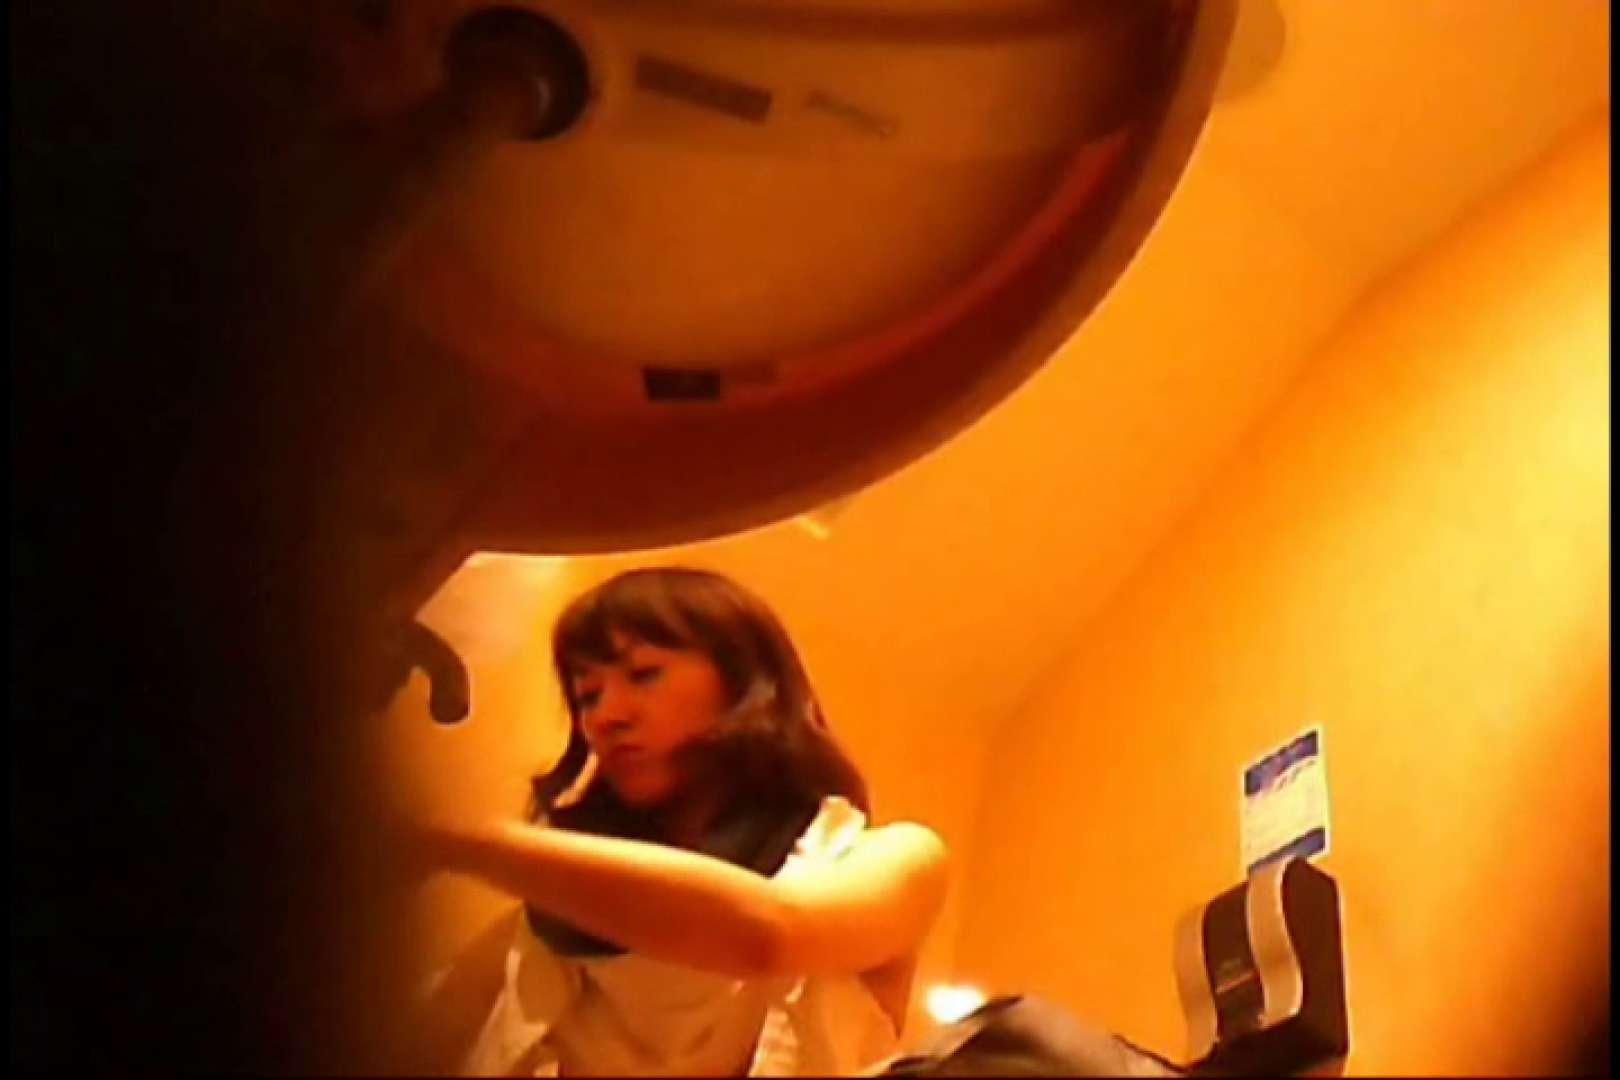 潜入!!女子化粧室盗撮~絶対見られたくない時間~vo,44 お尻 | 熟女のエロ動画  77PIX 26